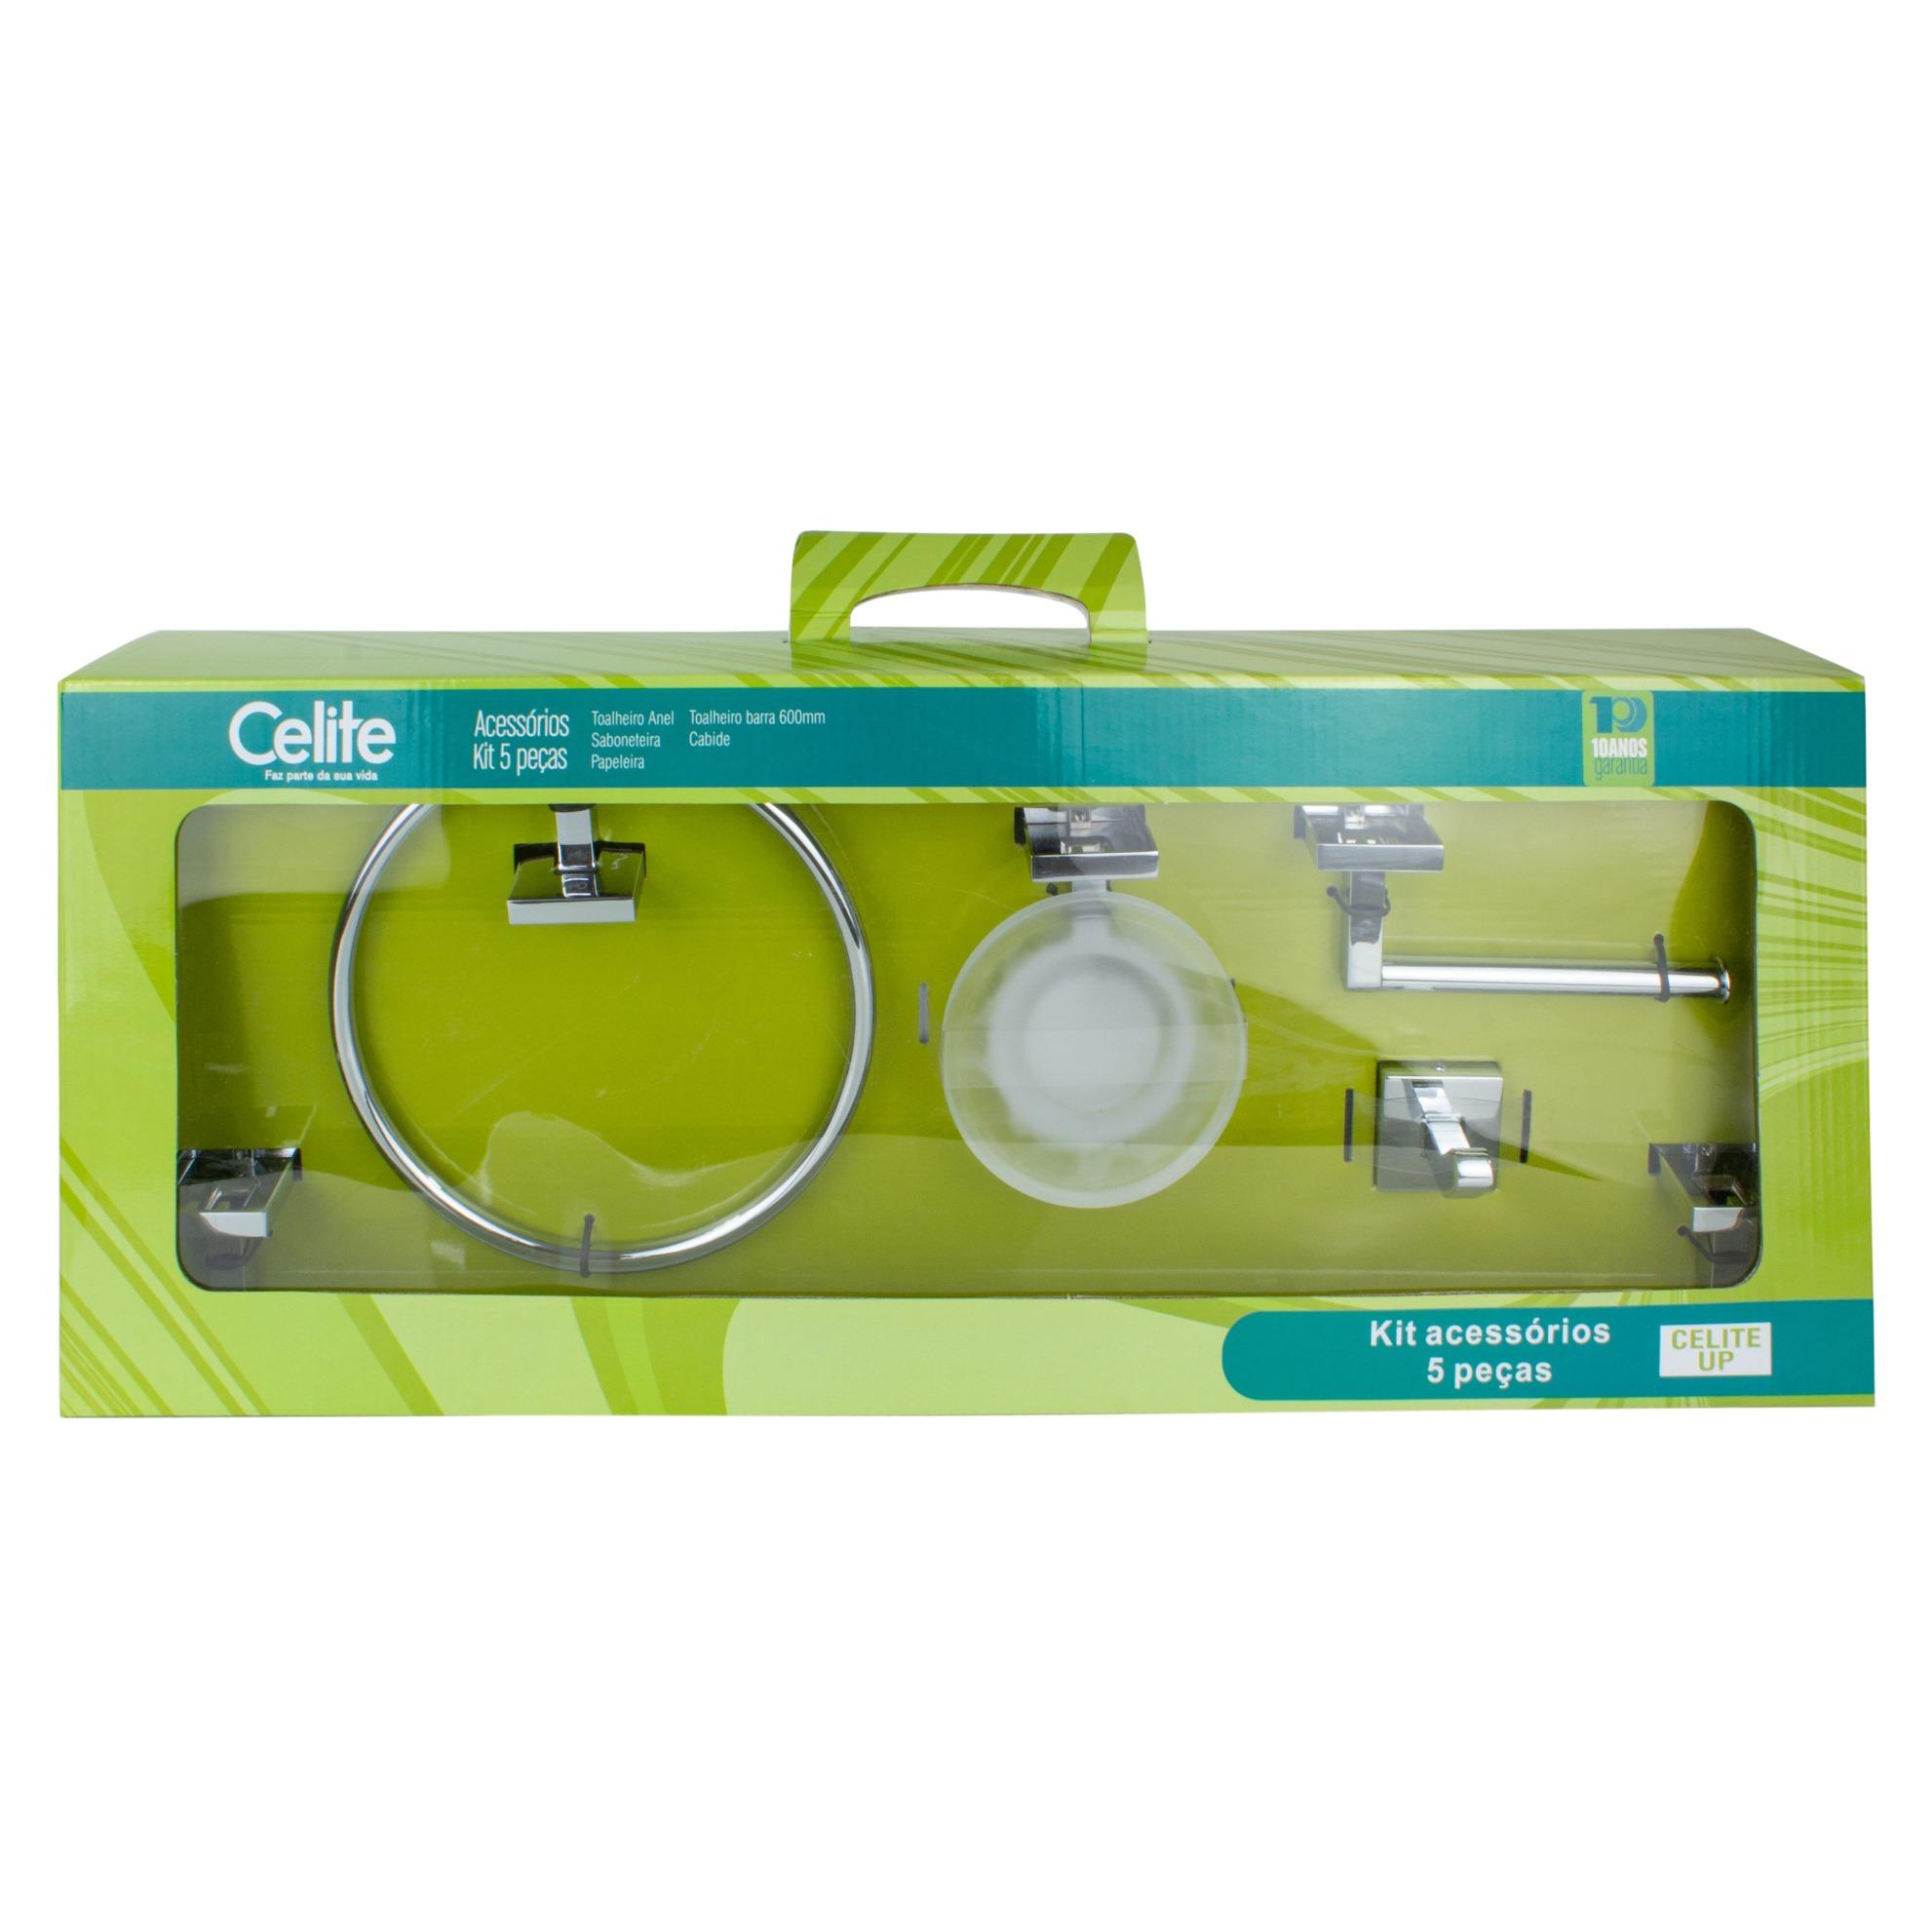 Kit De Acessorios para Banheiro de Parede Metal 5 Pecas Prata - Up Celite